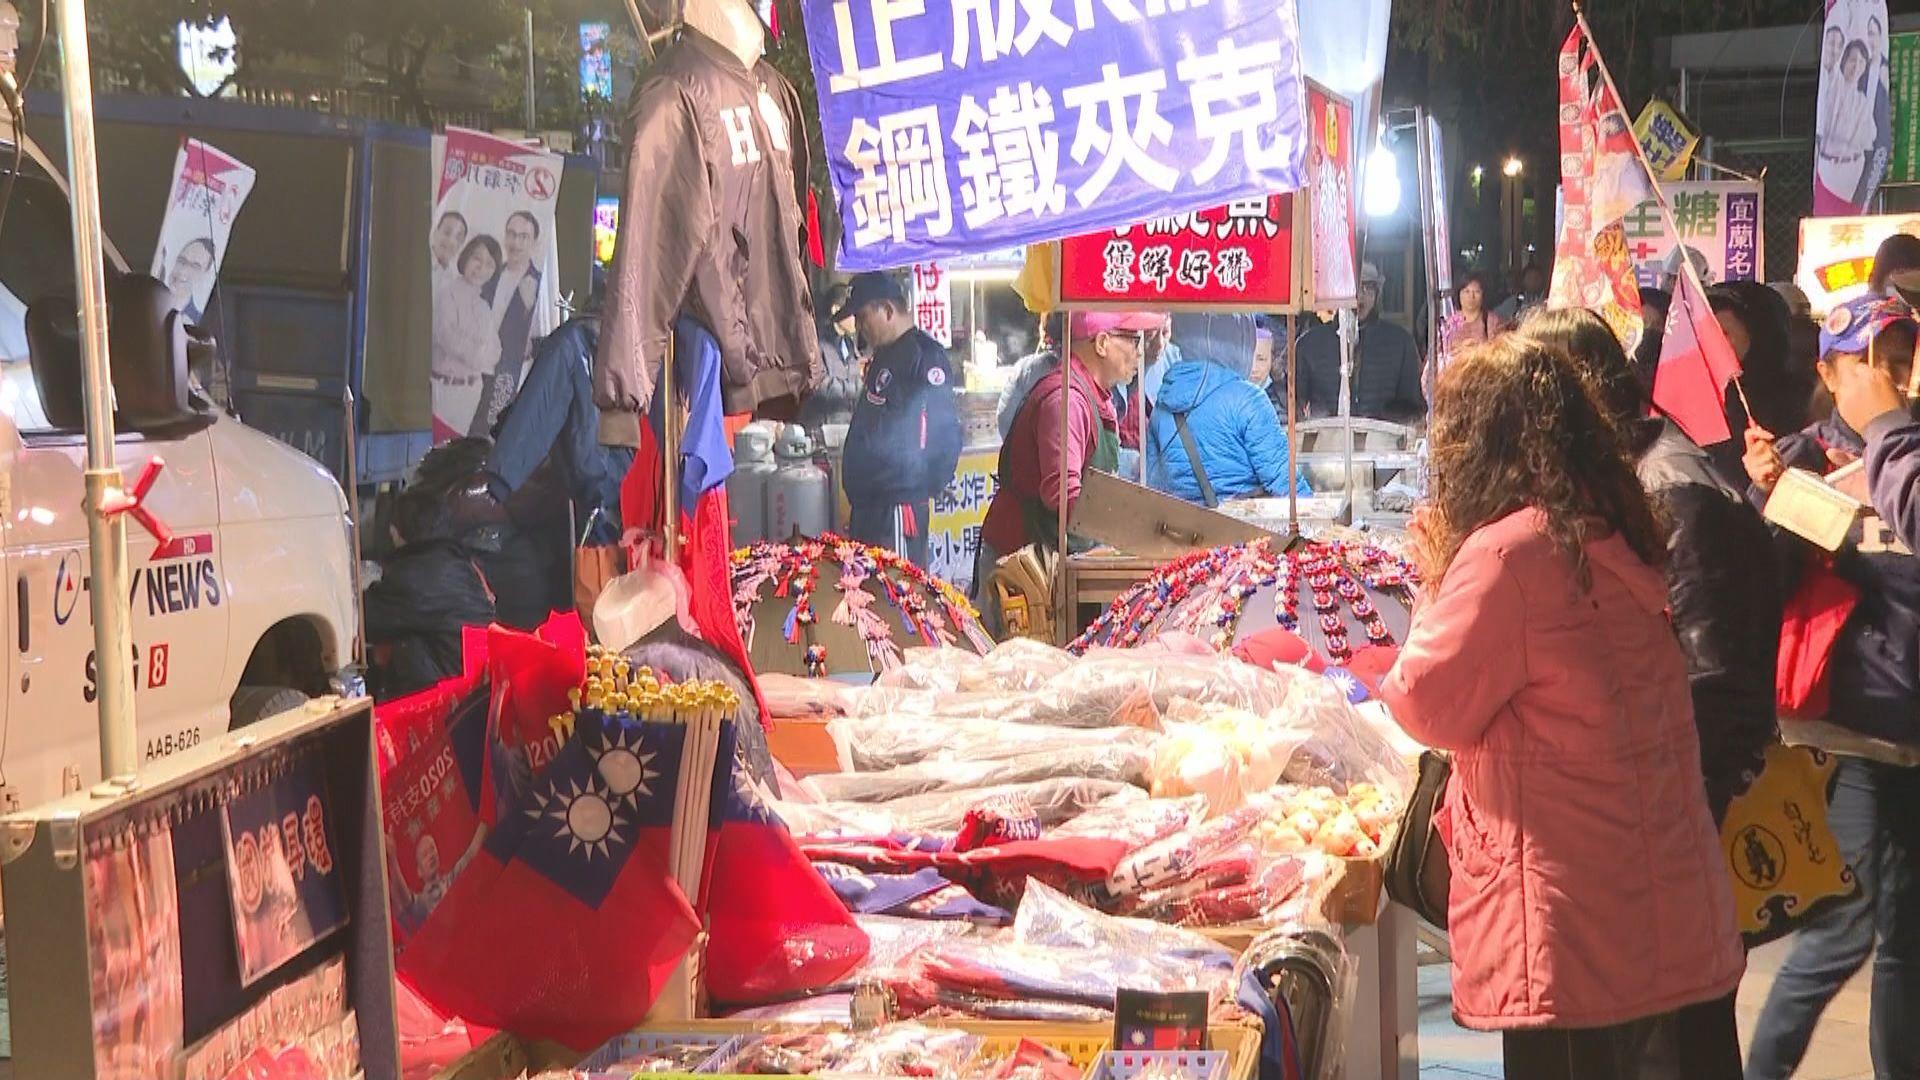 韓國瑜造勢大會人流多帶旺商販